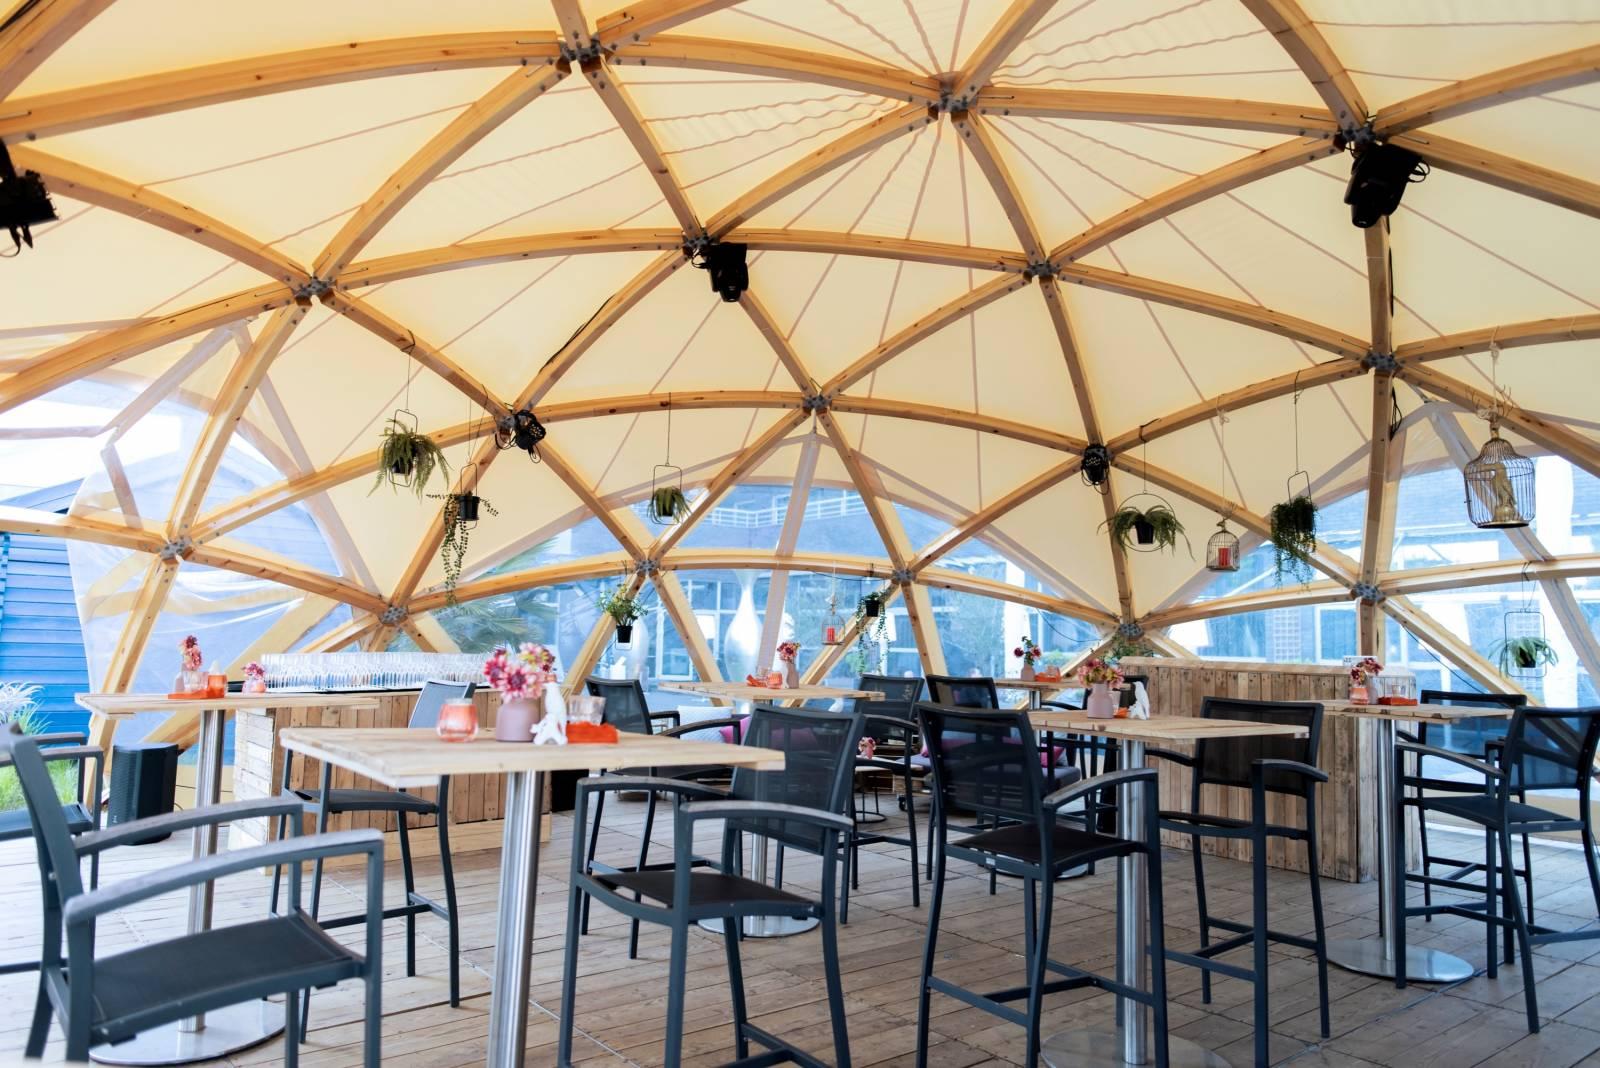 Van der Valk Hotel Brussels Airport - Feestzaal - Trouwzaal - Huwelijk Trouw Bruiloft - House of Weddings - 6